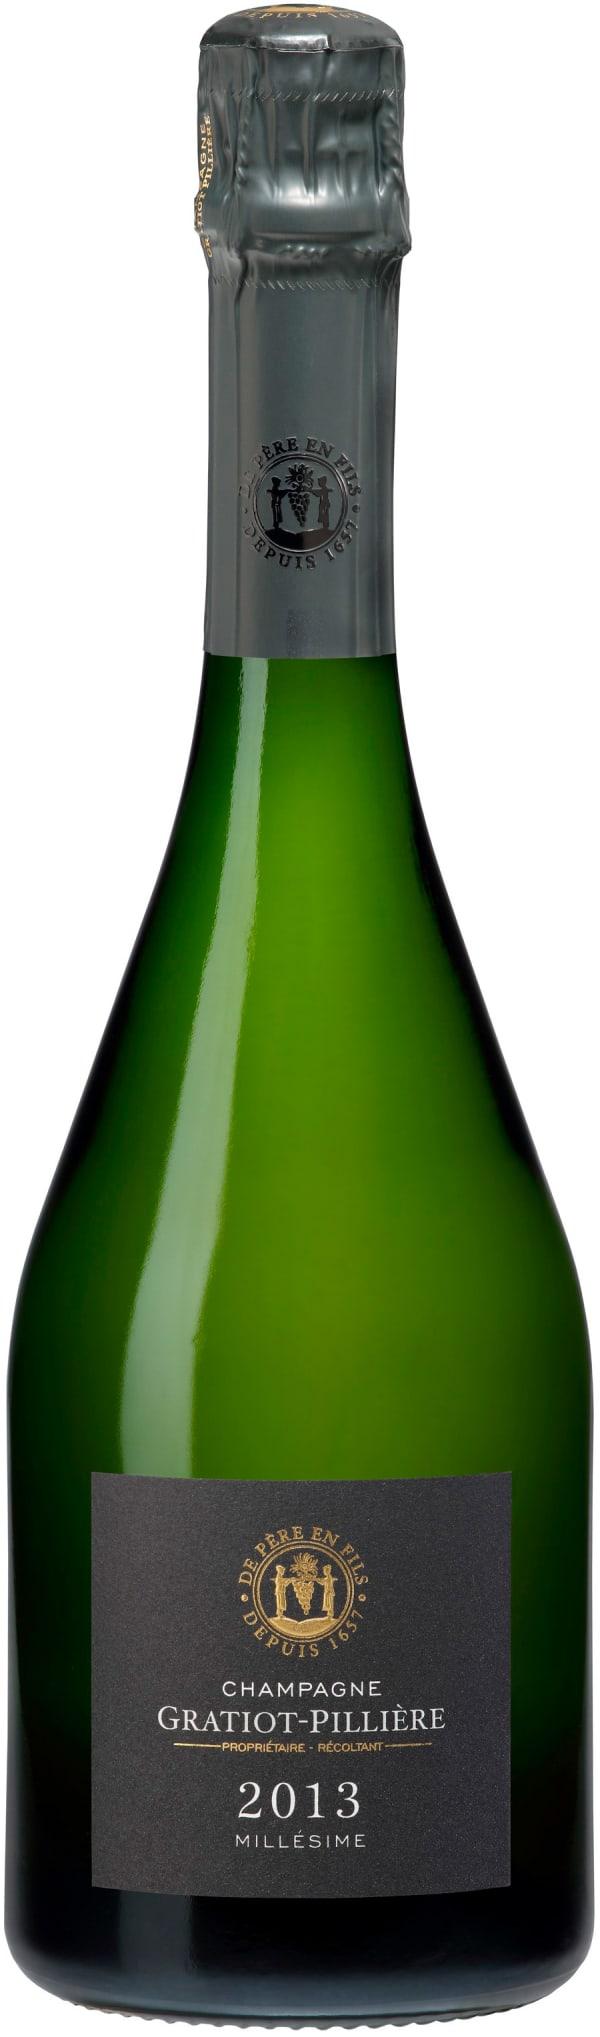 Gratiot Pillière Millésime Champagne Brut 2013